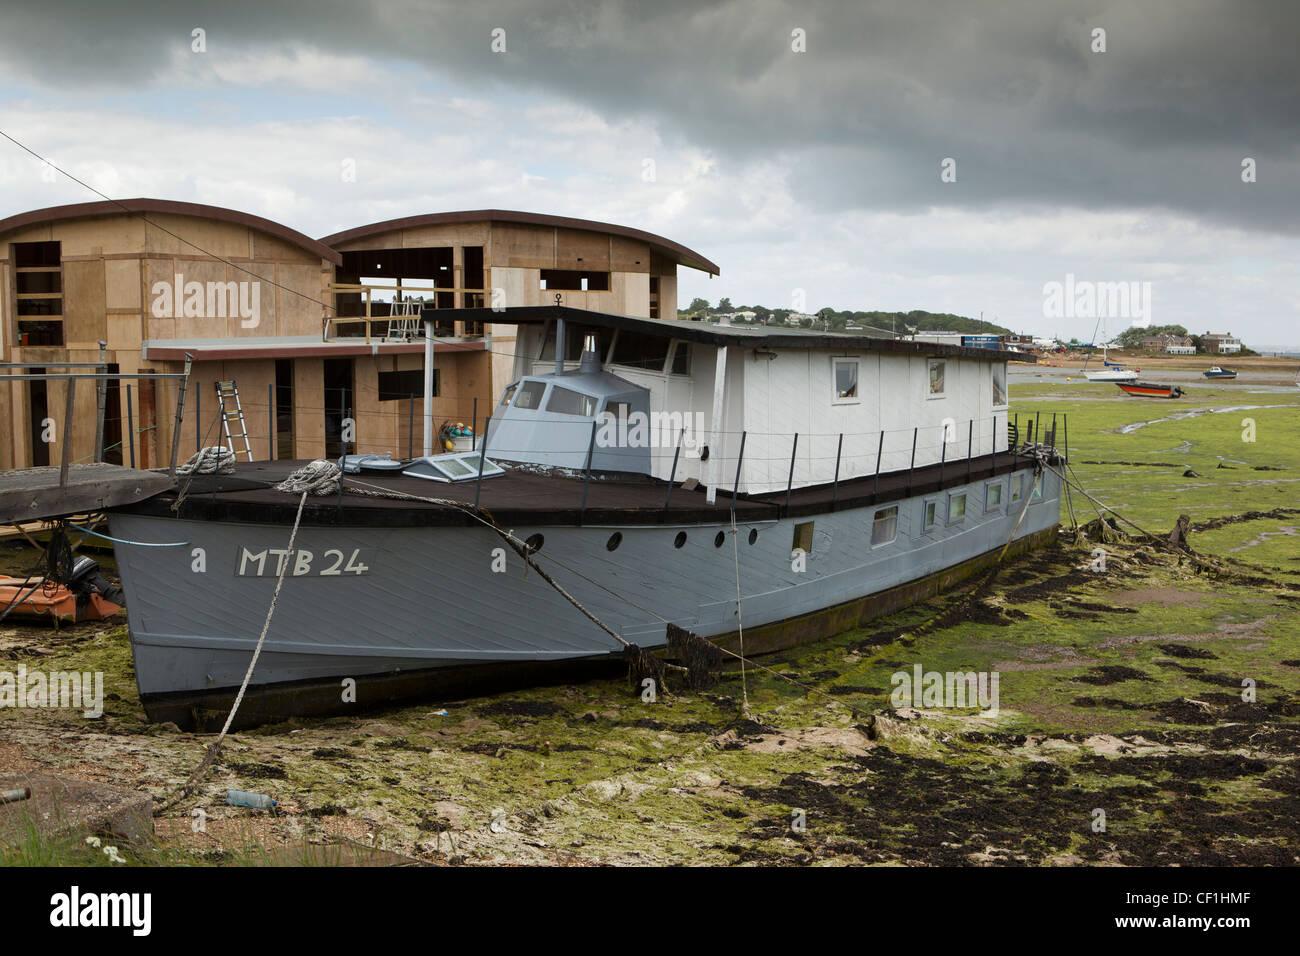 Uk England Isle Of Wight Bembridge Harbour Houseboat